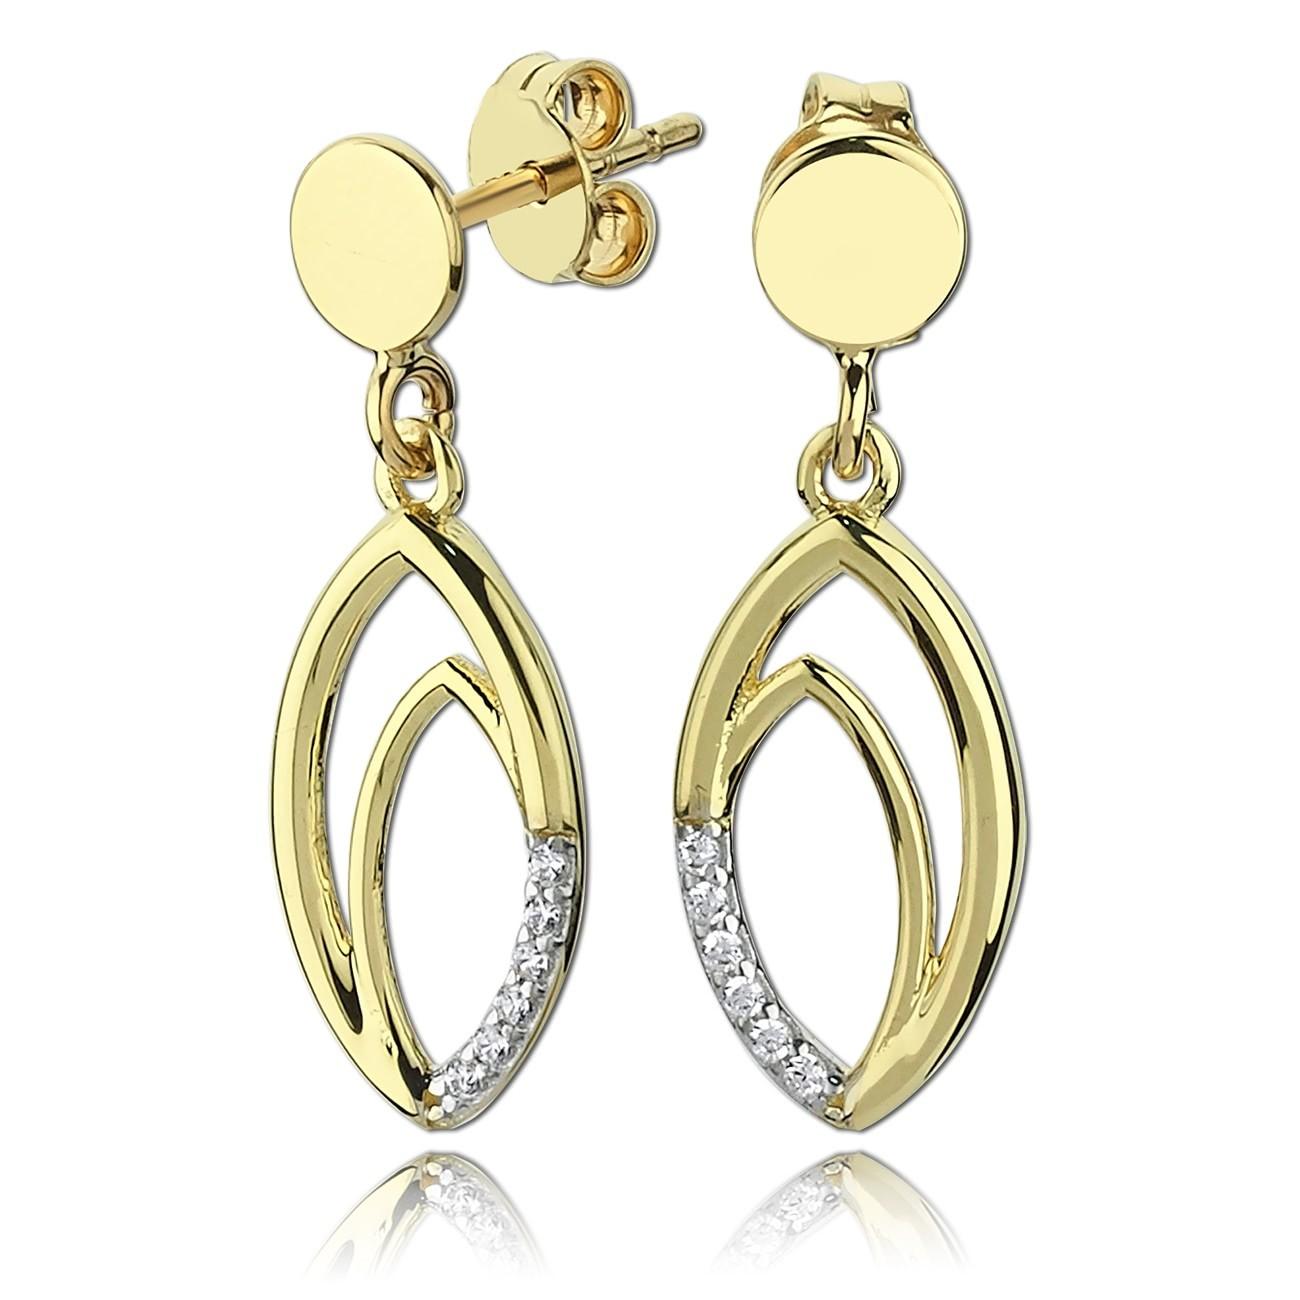 Balia Damen Ohrhänger aus 333 Gelbgold mit Zirkonia BGO0027GW